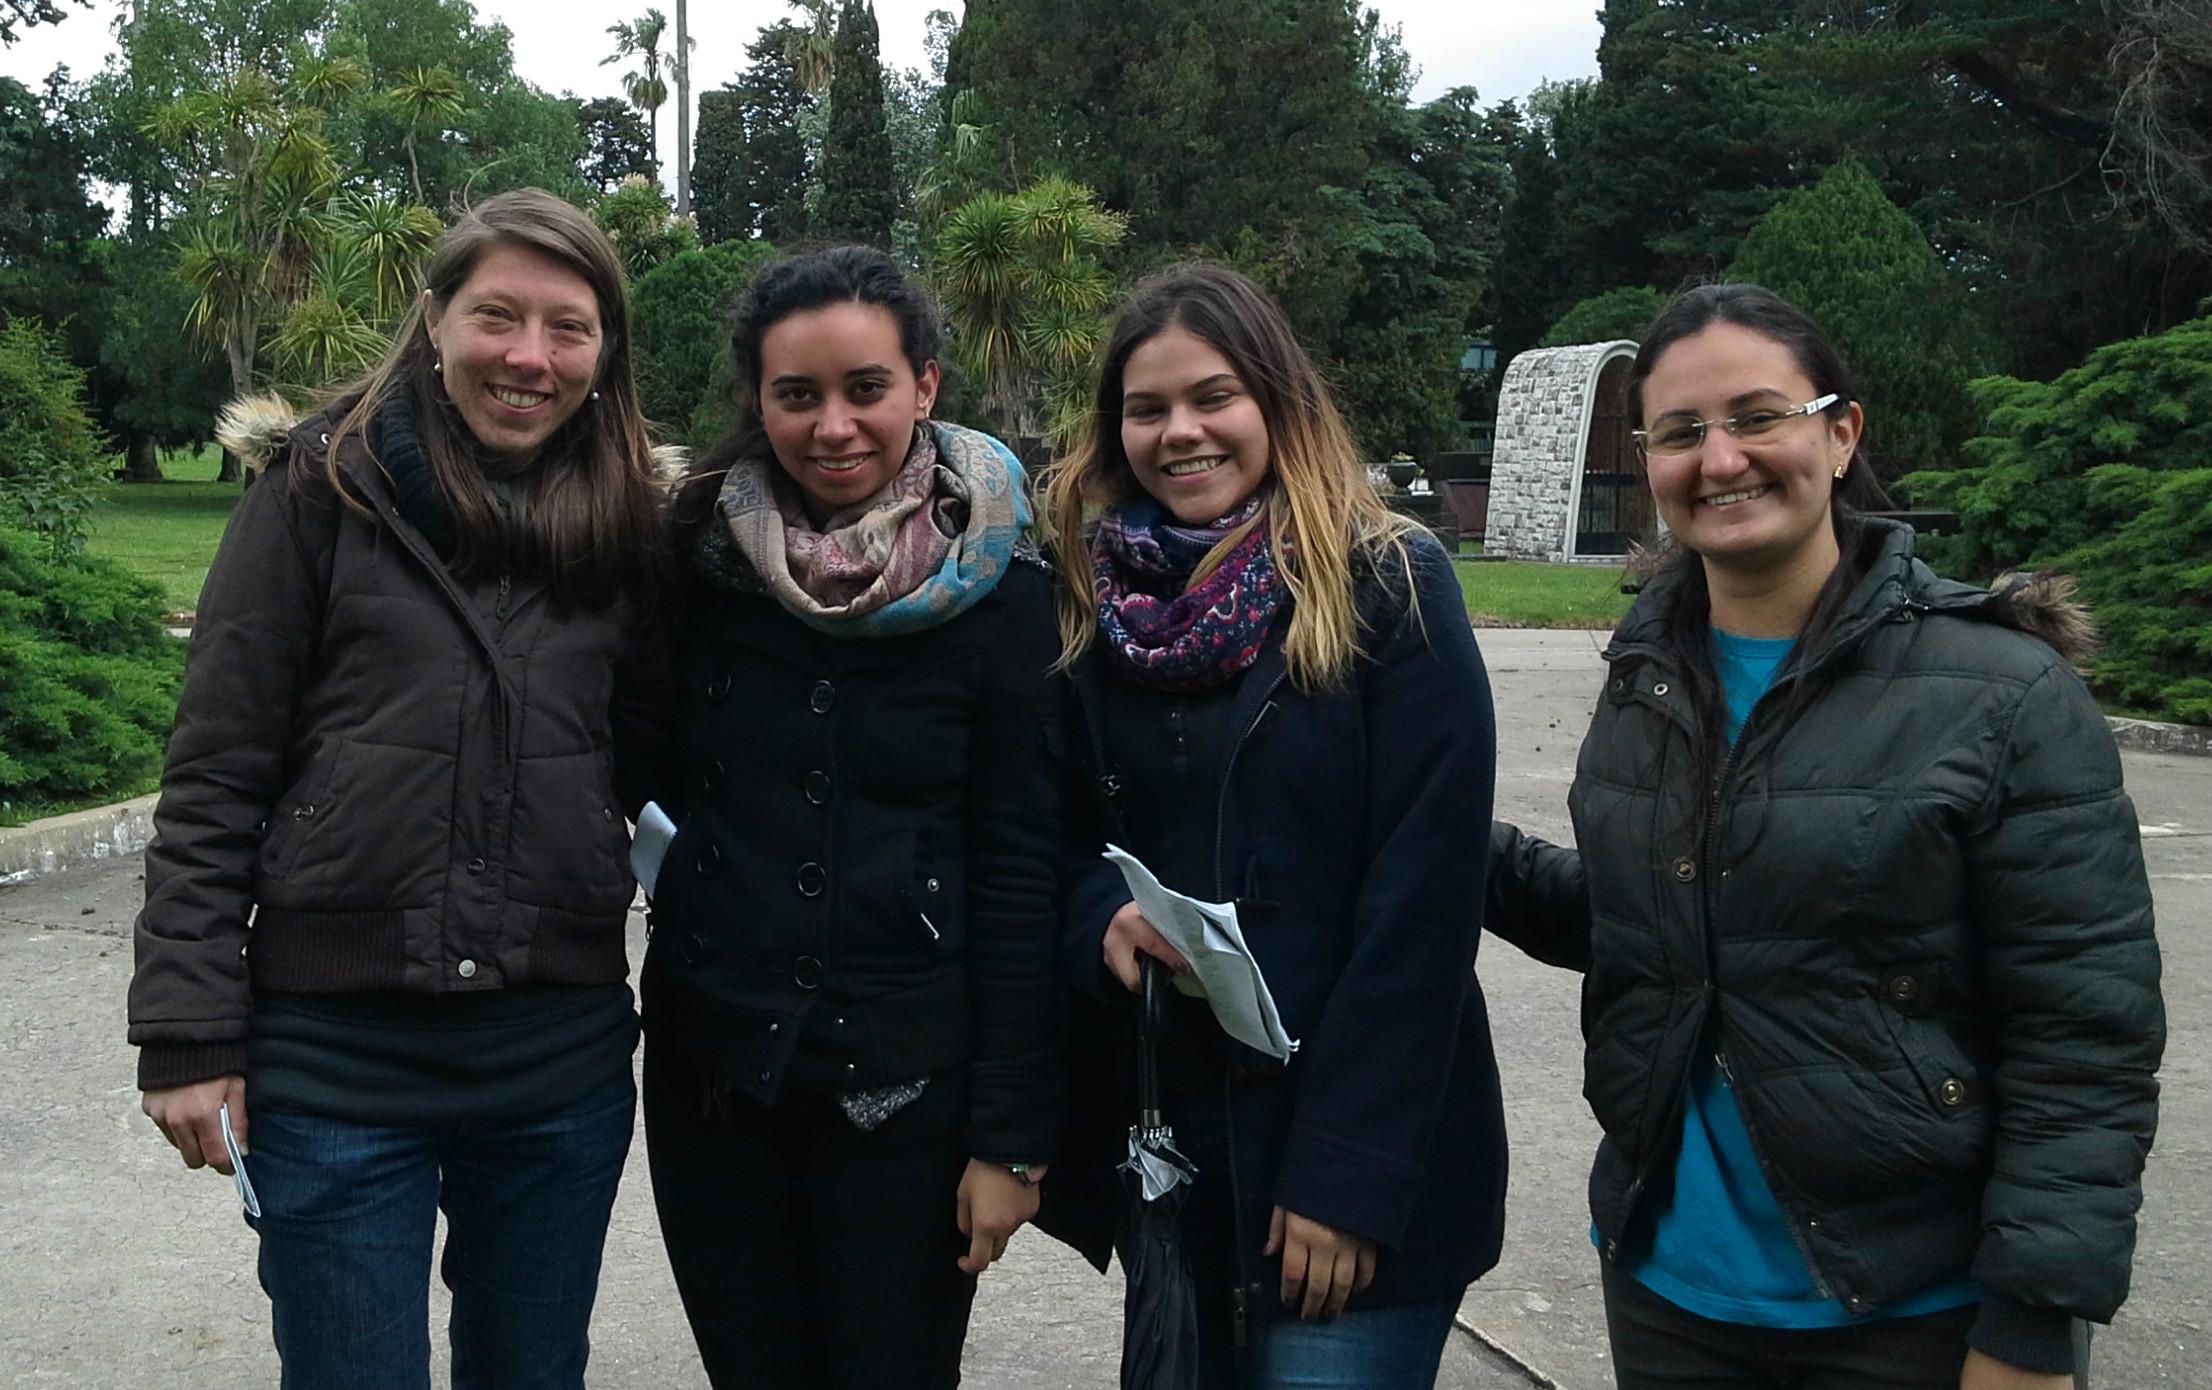 Matilde Collier, Regina Maggia, Roxana Trigo y Nayara Linhares en el cementerio del Norte